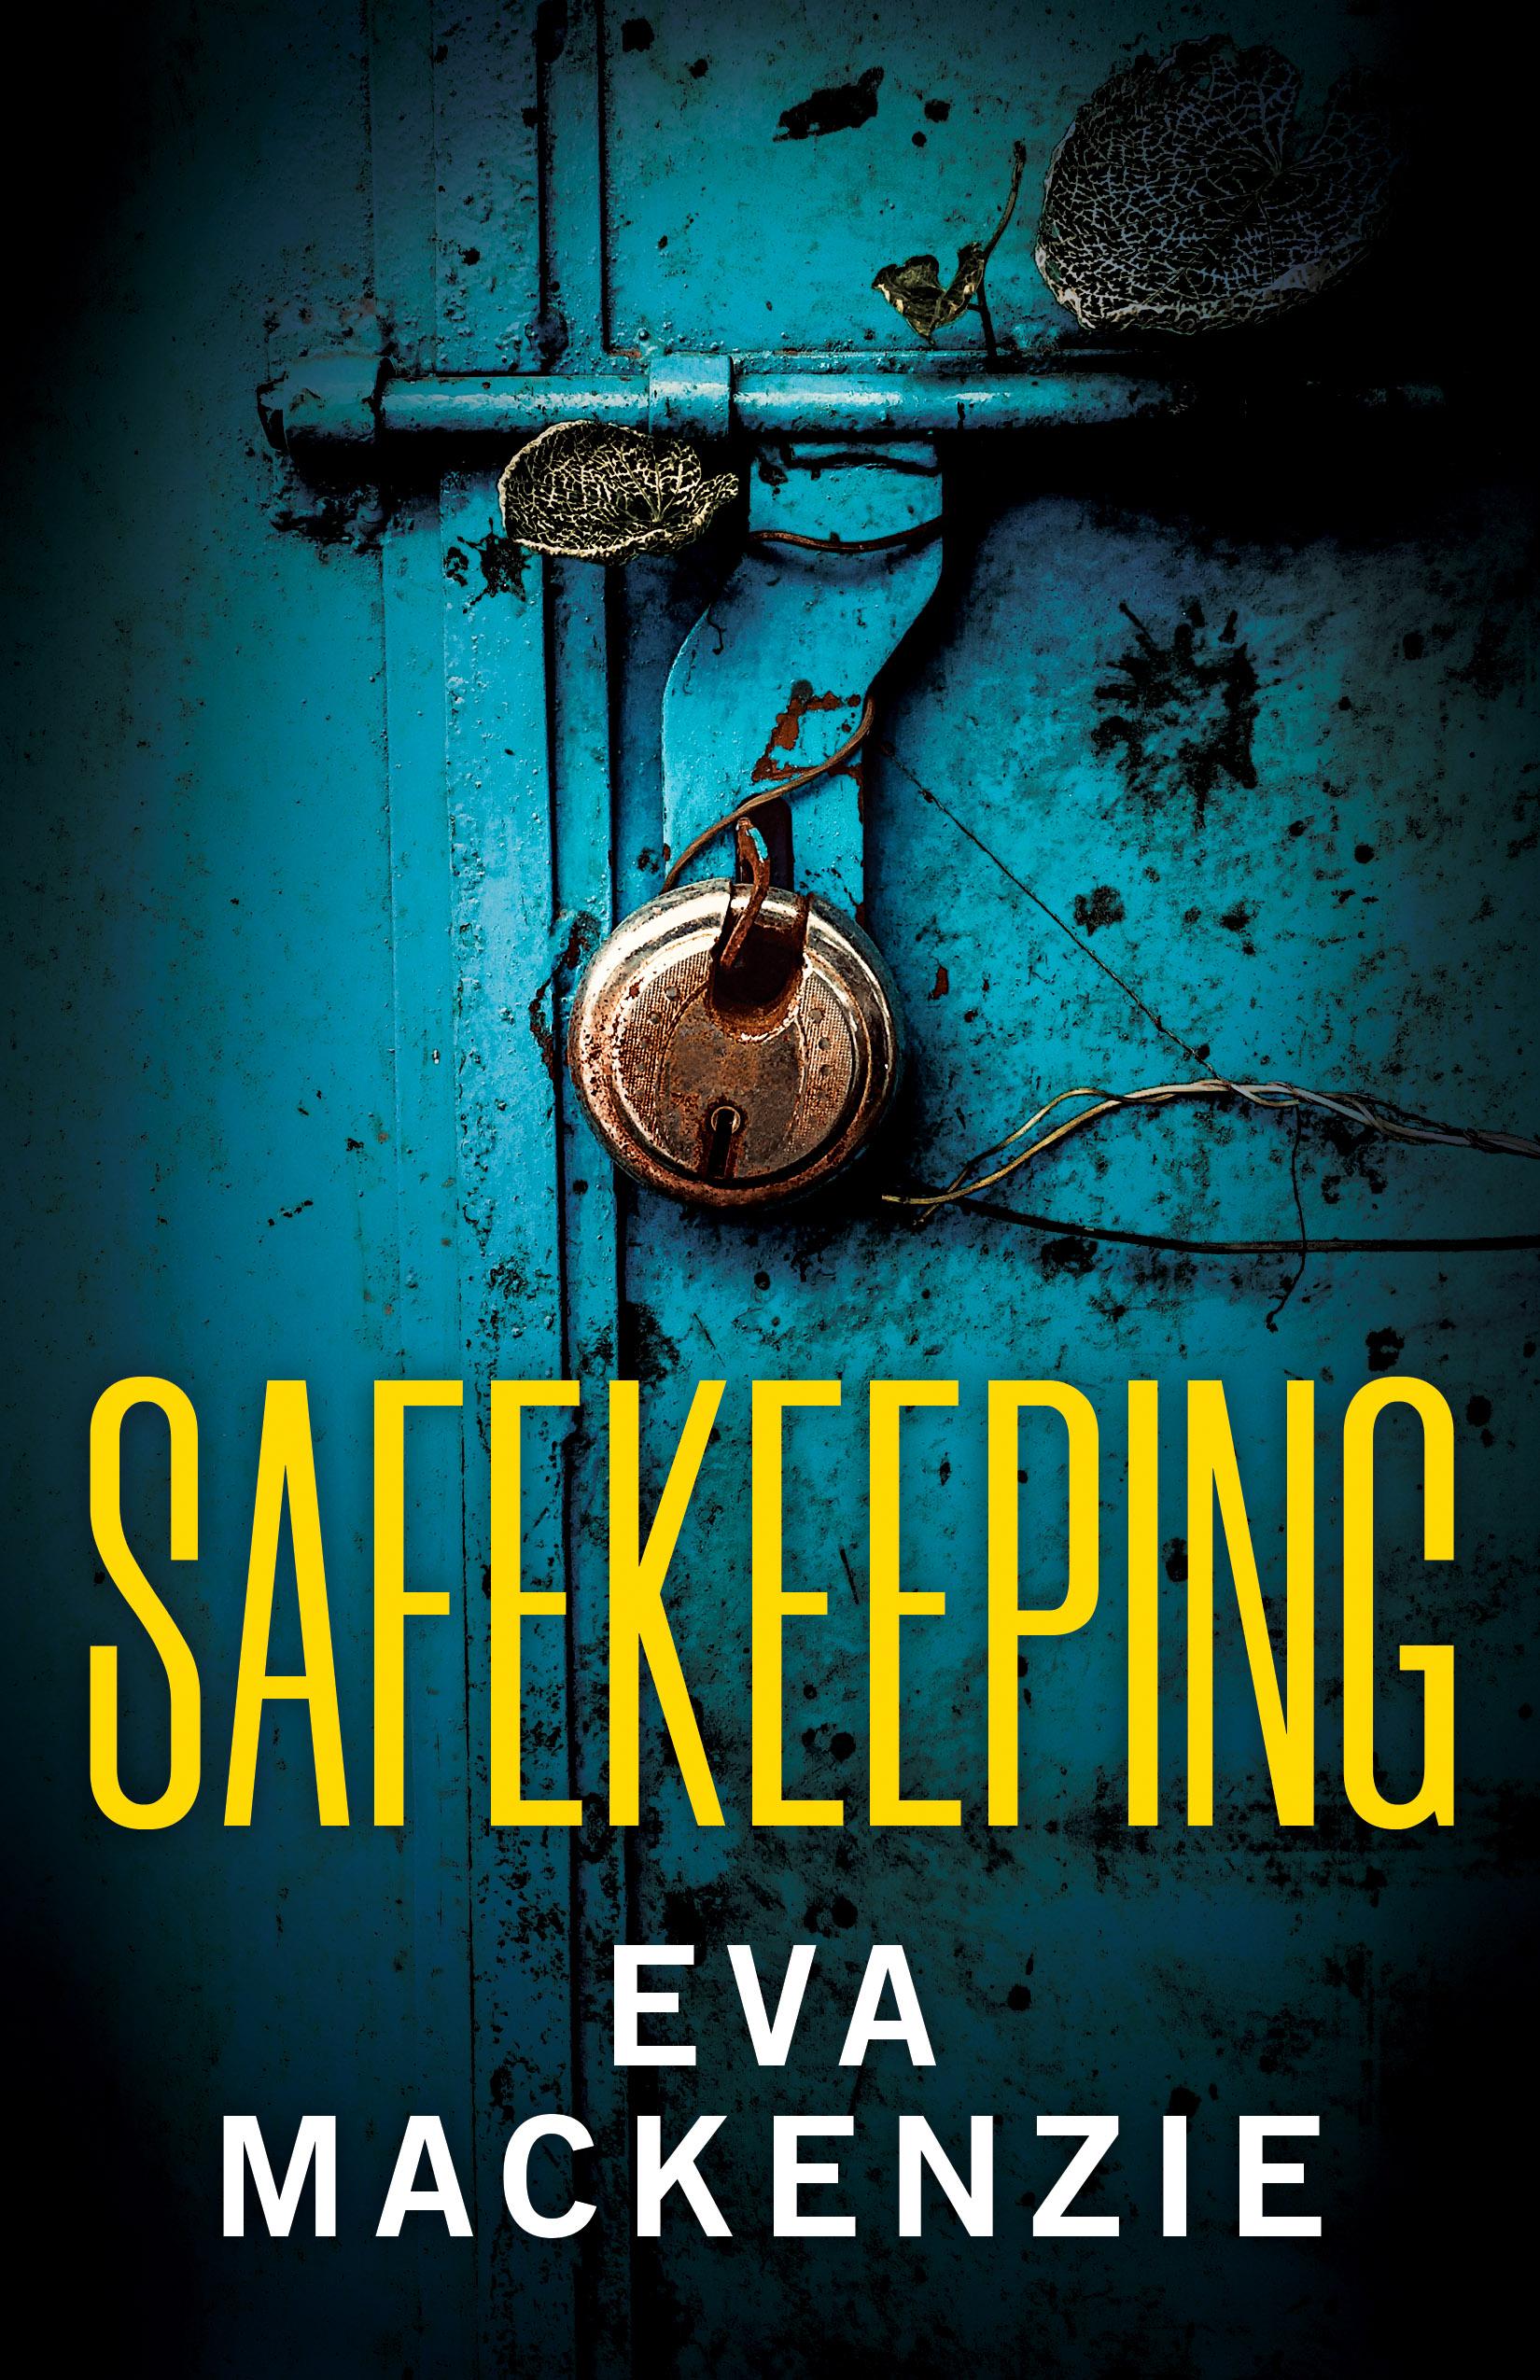 Mackenzie_Safekeeping_Ebook